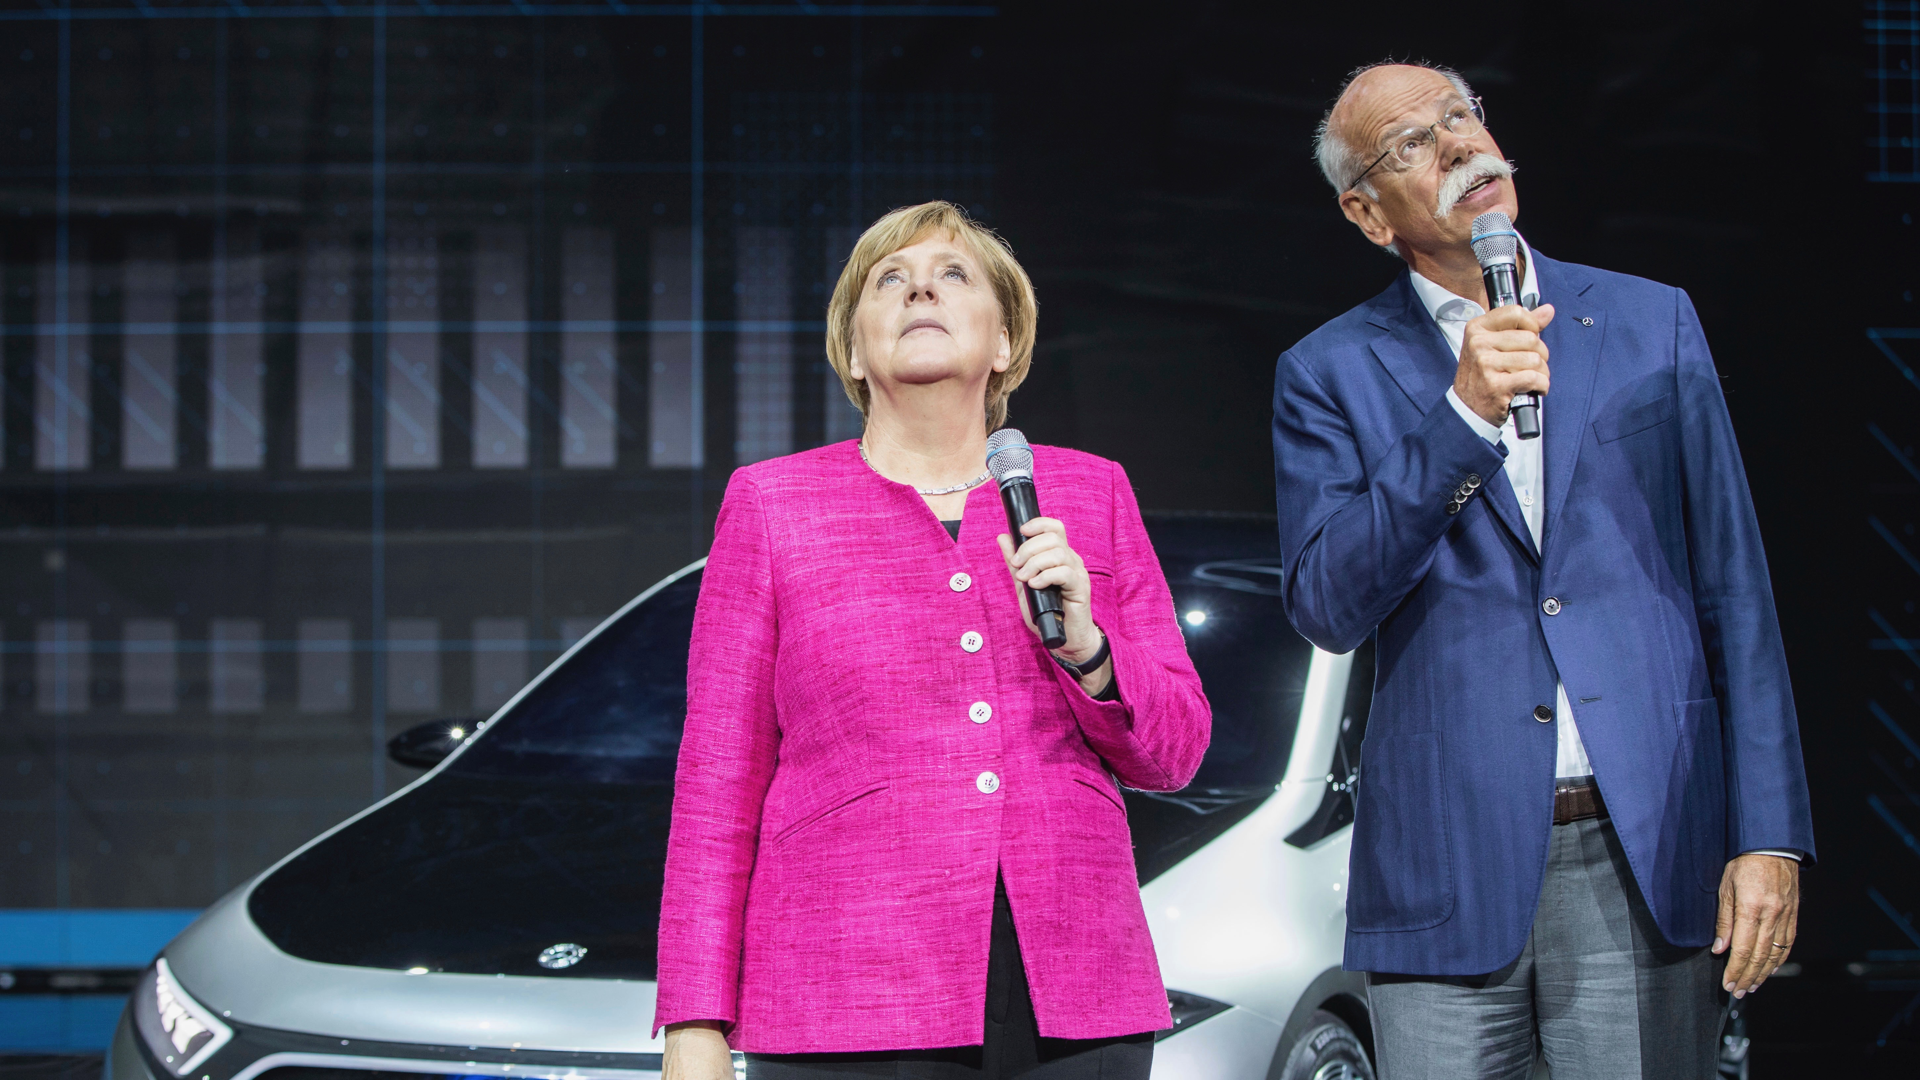 Merkels faste greb om kanslerposten RÆSONs Nyhedsbrev om det tyske valg